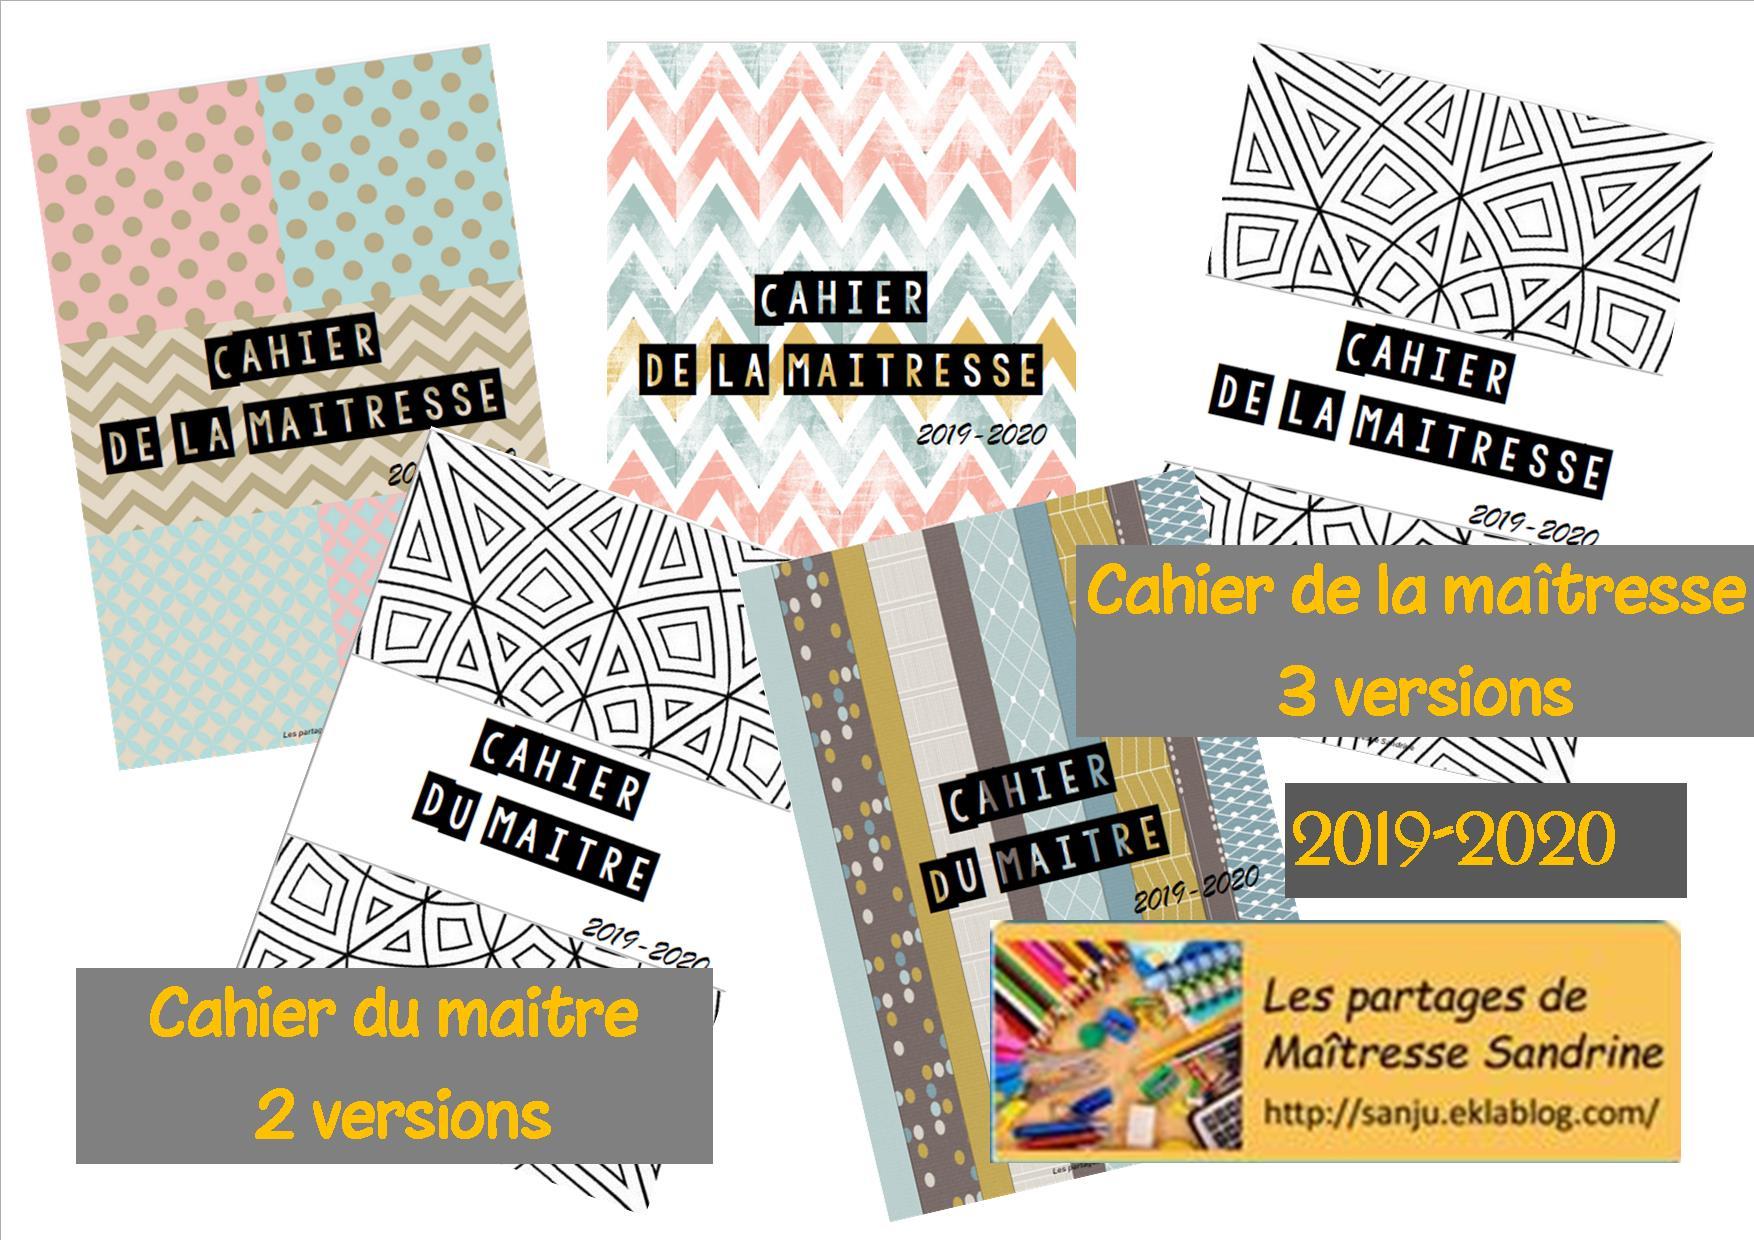 Cahier De La Maitresse / Du Maitre 2019-2020 - Les Partages intérieur Cahier De Vacances Maternelle Gratuit A Imprimer